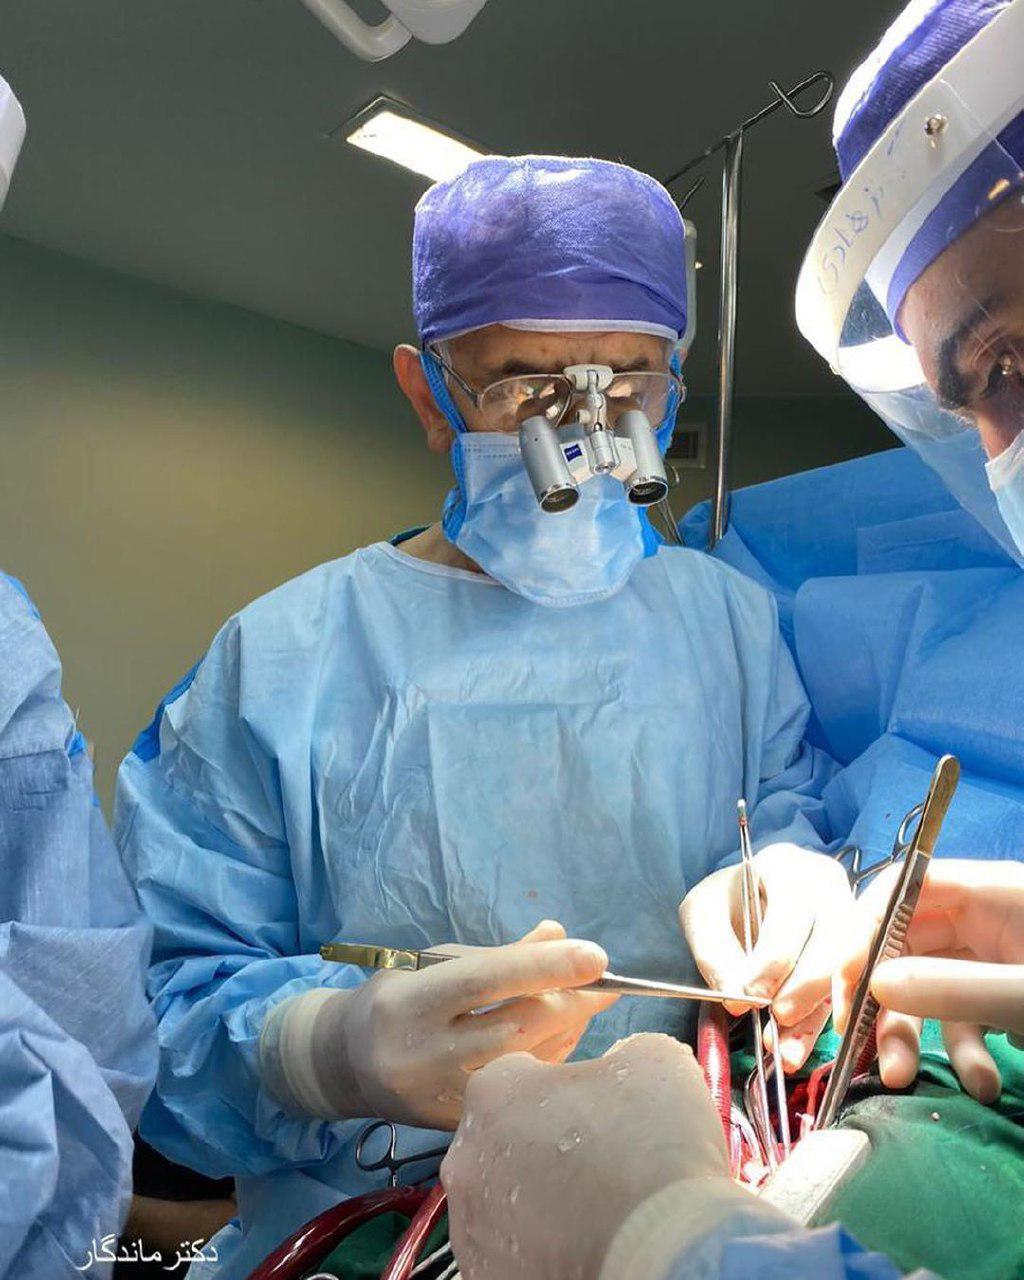 عمل جراحی کرونری بای پاس در یک بیمار دیابتی پیوند ۵ رگ کرونر